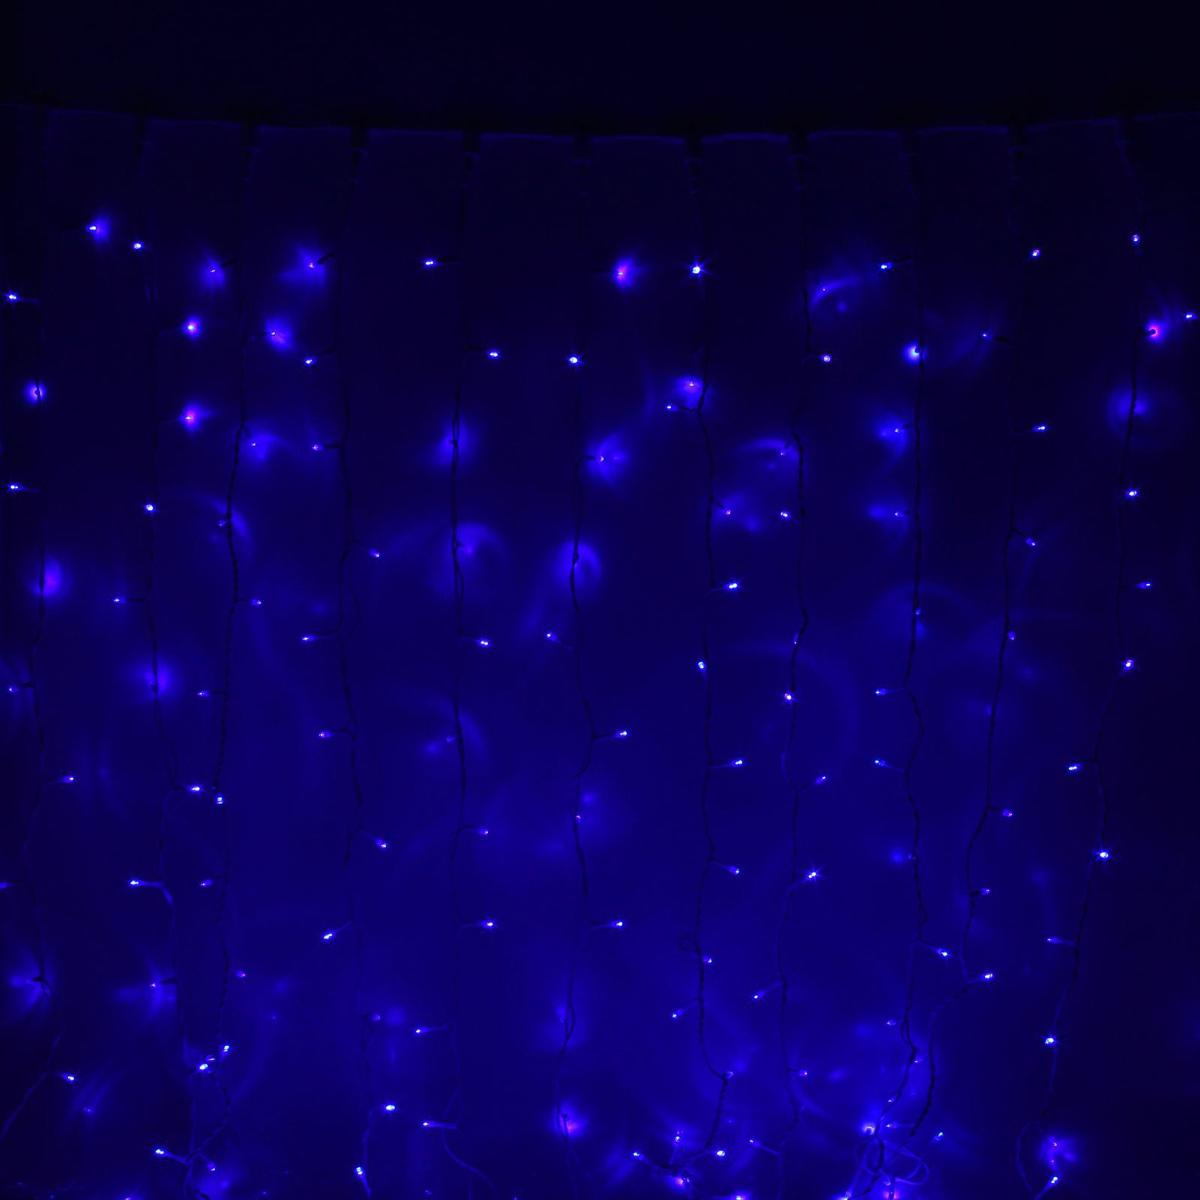 Гирлянда светодиодная Luazon Занавес, цвет: синий, уличная, 1440 ламп, 220 V, 2 х 6 м. 1080257 гирлянда luazon занавес 2m 3m green 1080474